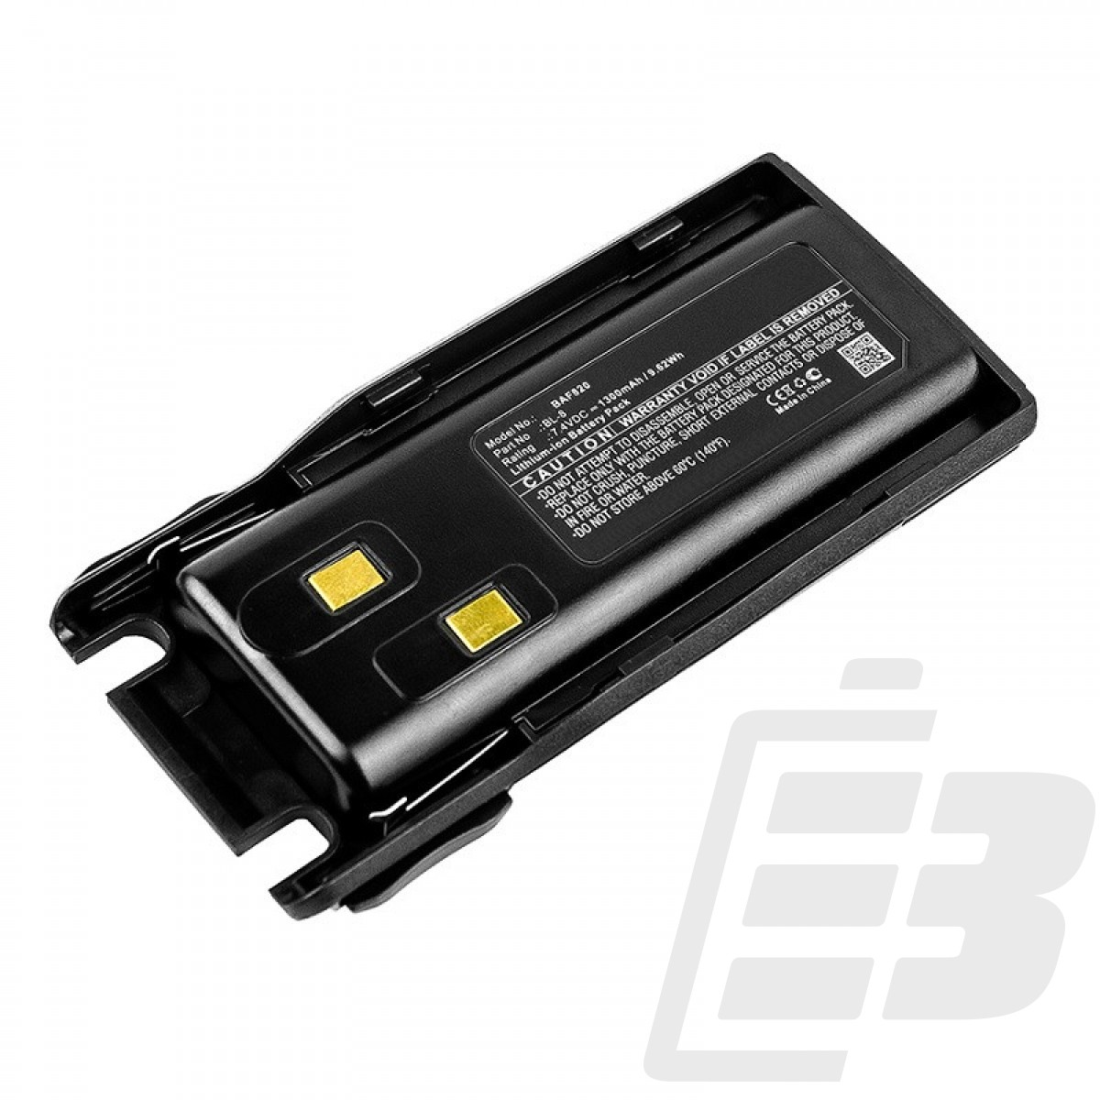 Two-Way radio battery Baofeng UV-82_1